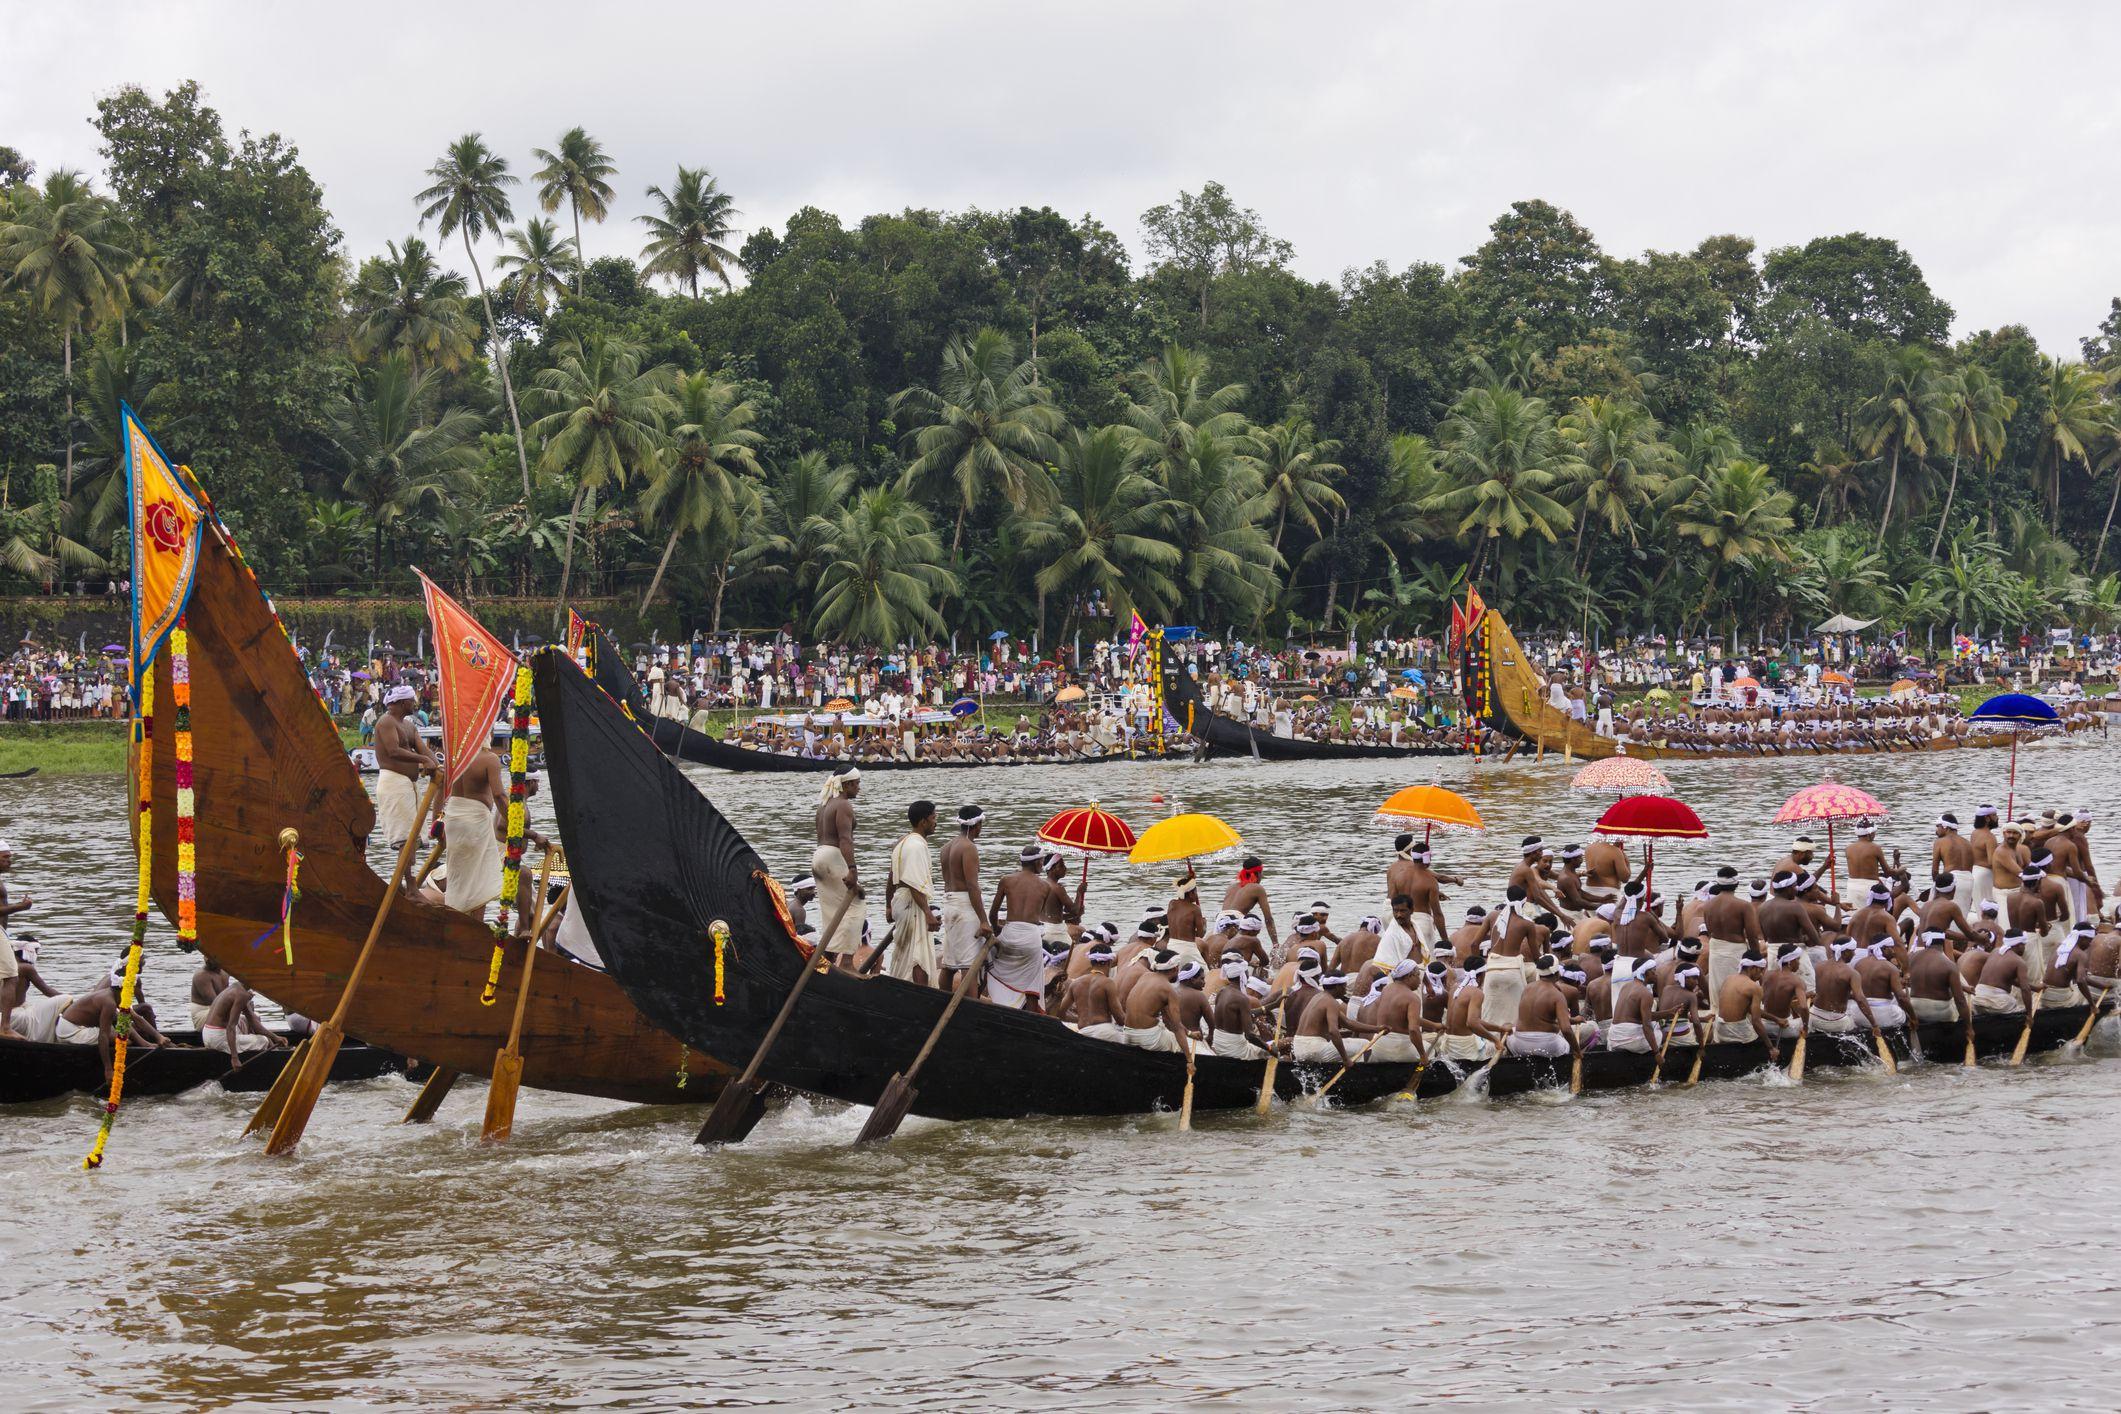 Kerala Schlange Bootsrennen